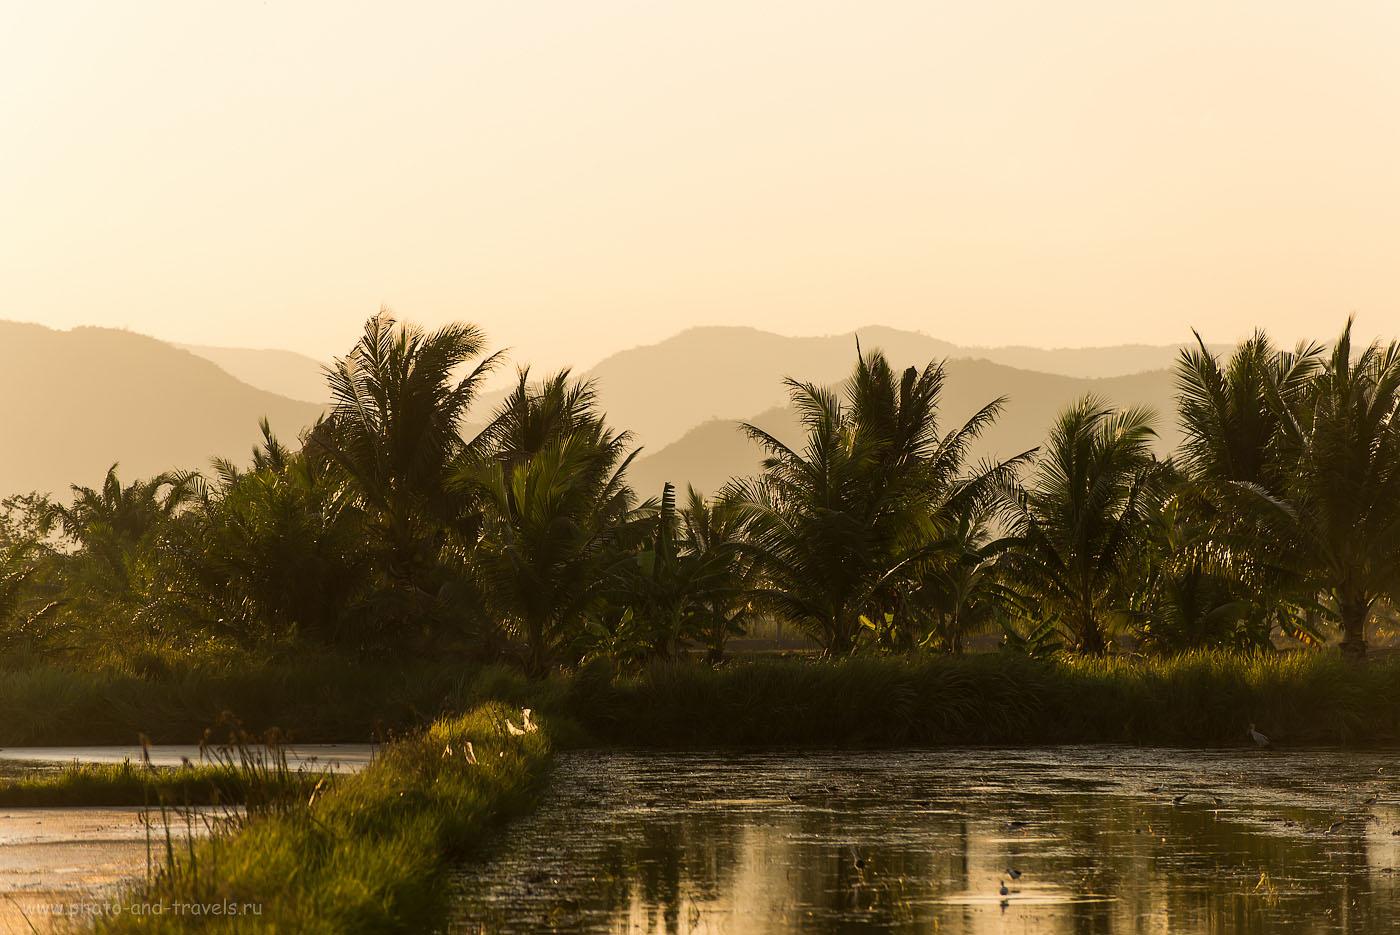 Фото 3. Одним прекрасным вечером в окрестностях Хуахина. Отзывы о поездке по Таиланду на машине (200, 180, 5.0, 1/800)